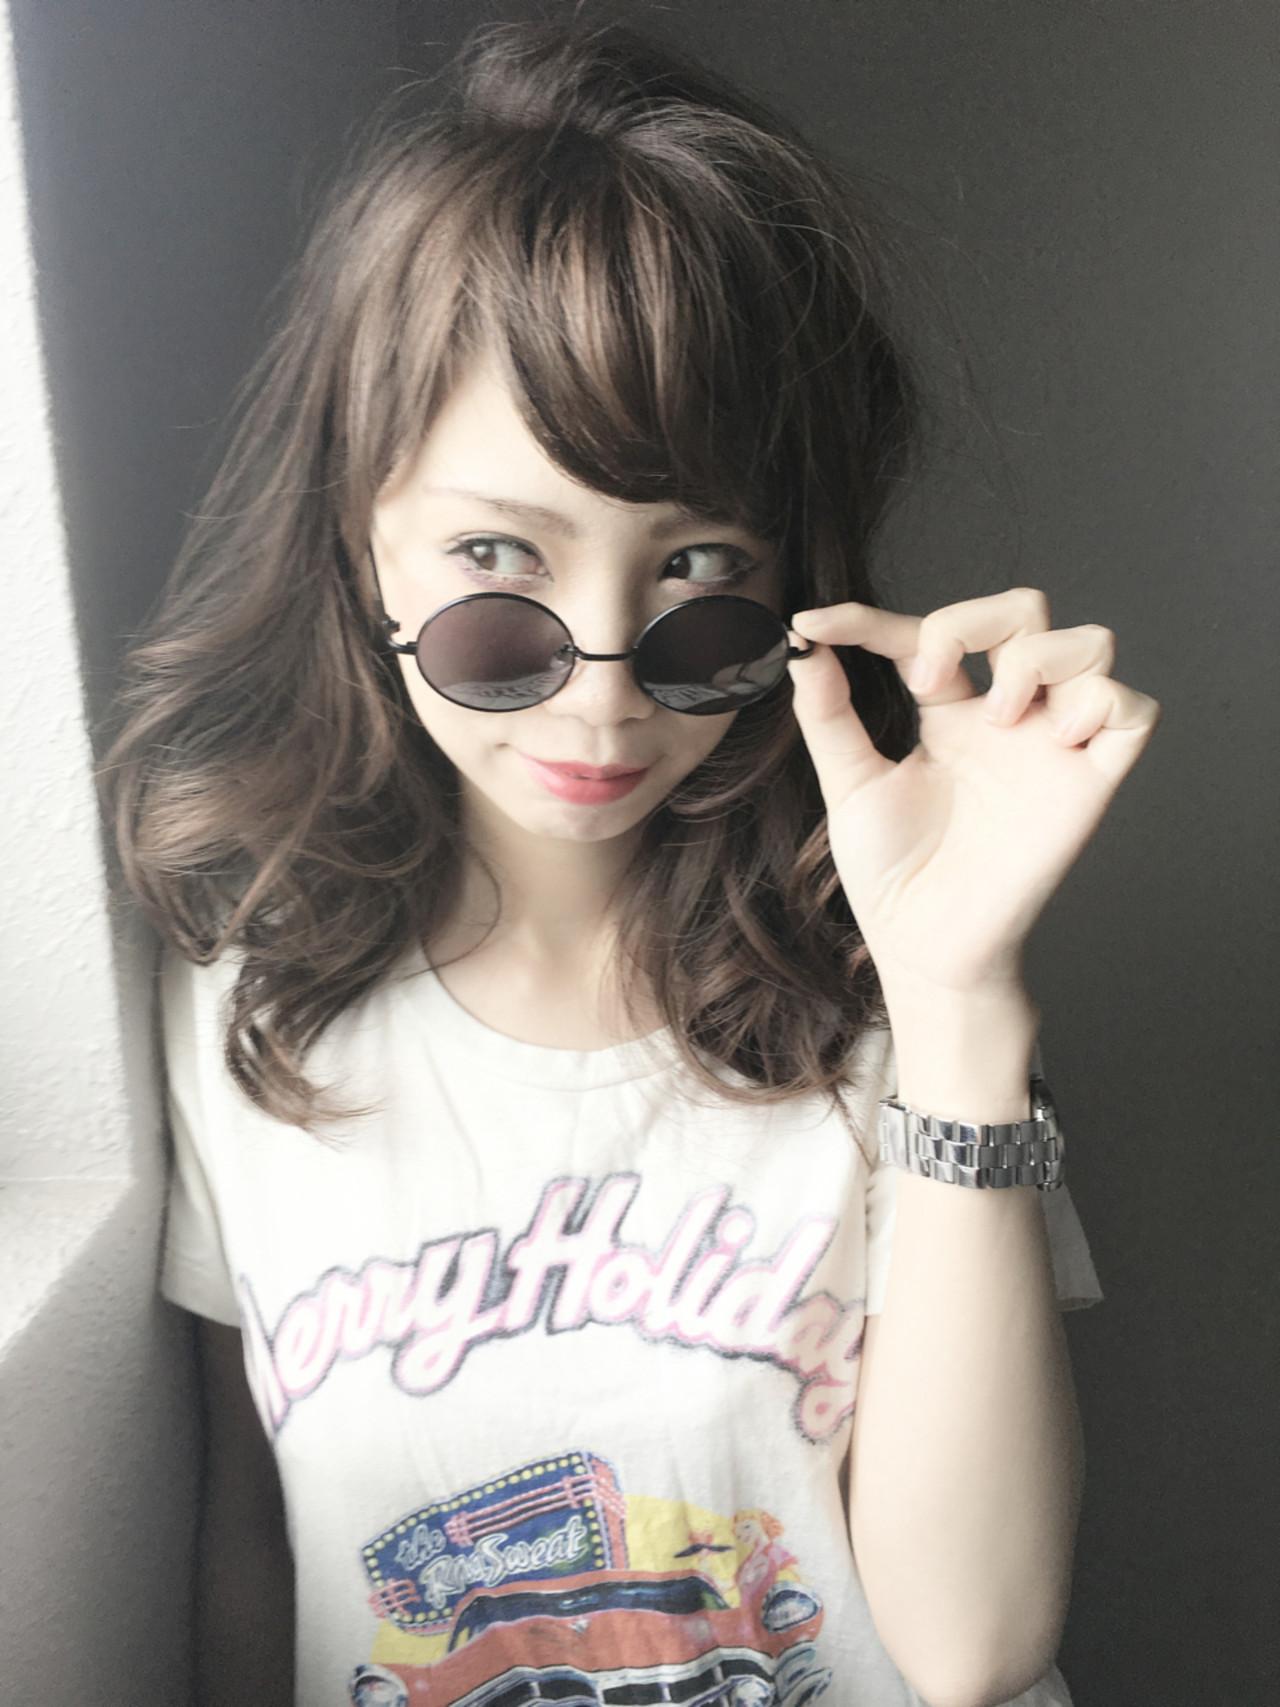 ストリート グラデーションカラー 卵型 外国人風 ヘアスタイルや髪型の写真・画像 | 浜田敦史 / Tiffa栄